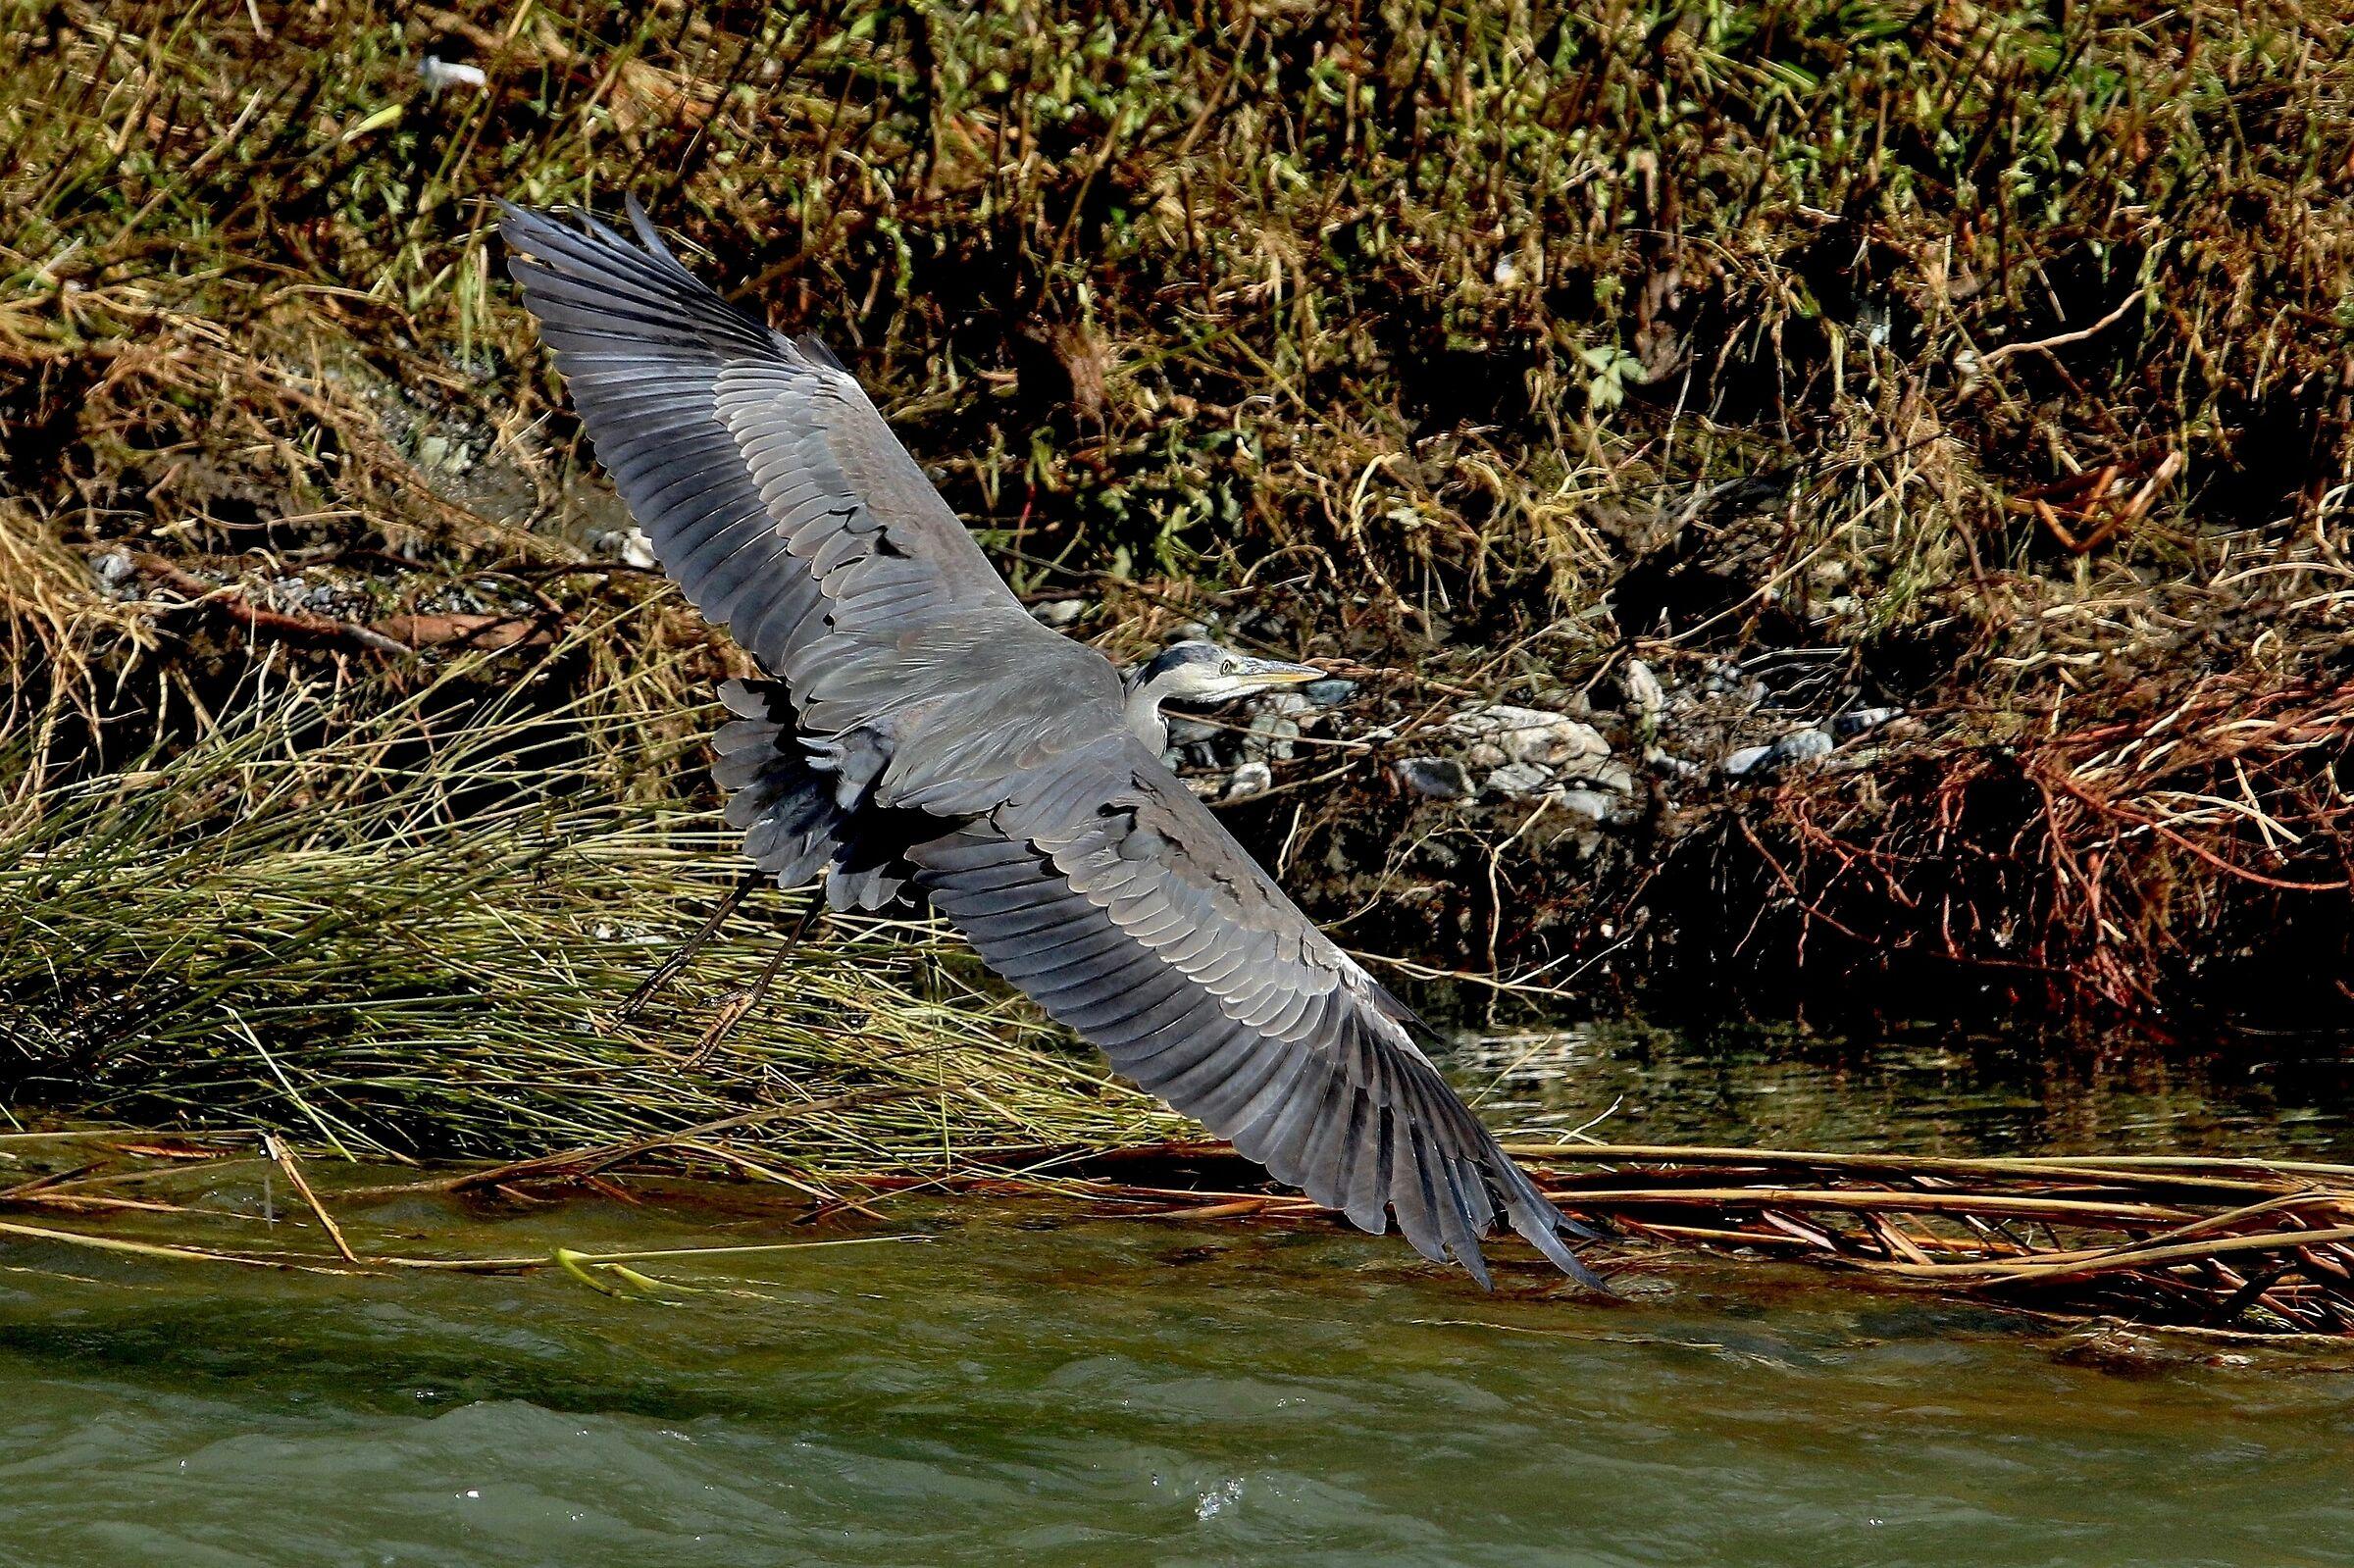 The Heron's Turn...